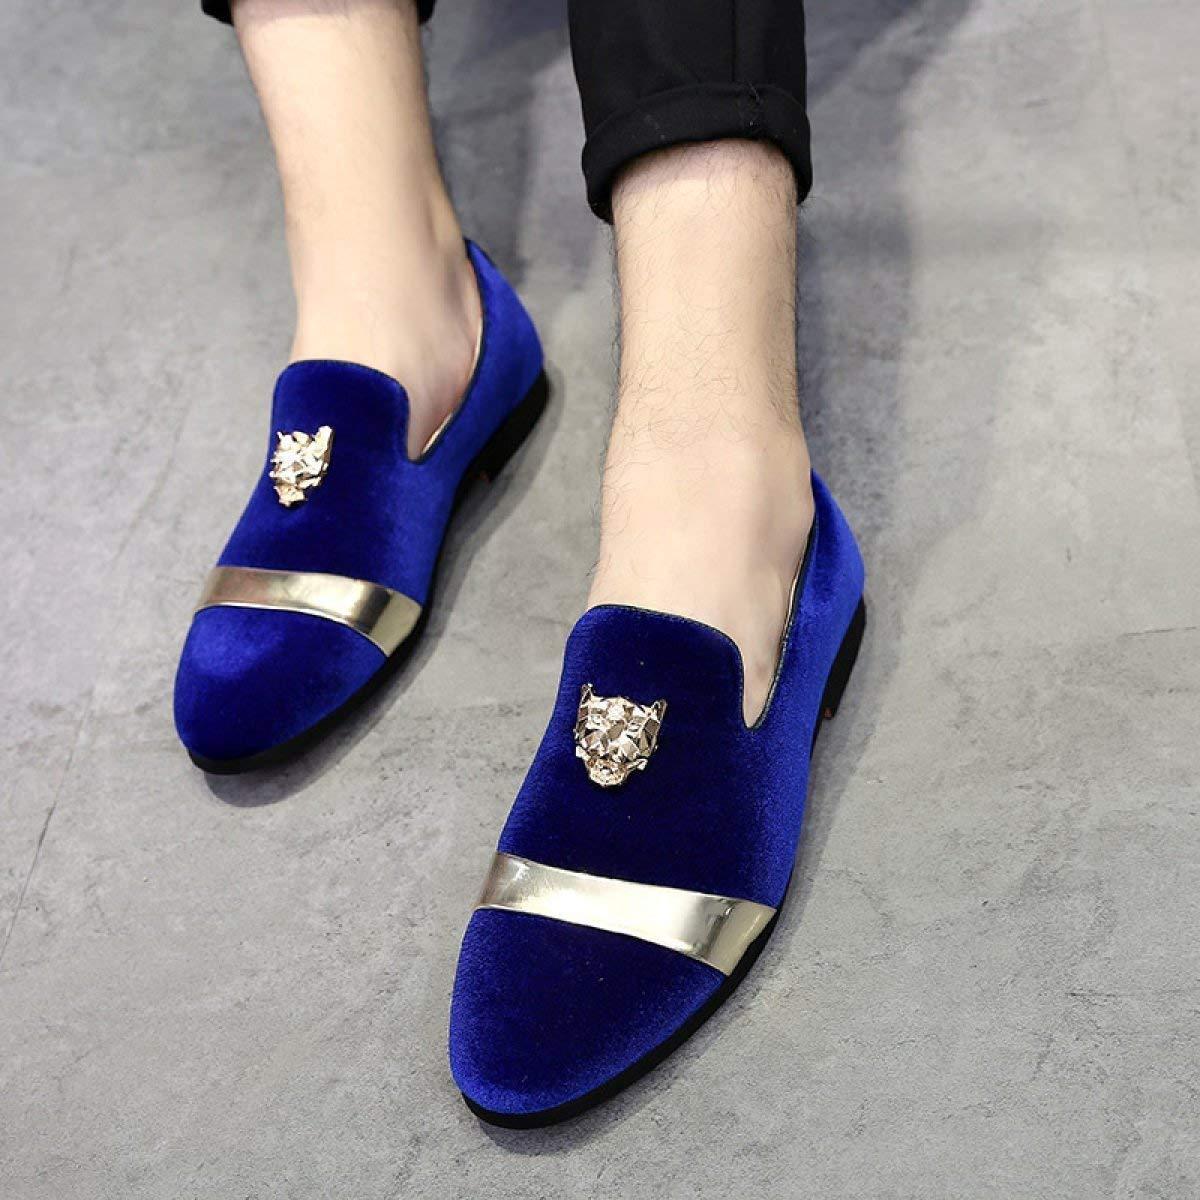 Matte Matte Matte Leder Low Schuhe Herren Freizeitschuhe (Farbe   Blau, Größe   42)  014fbe